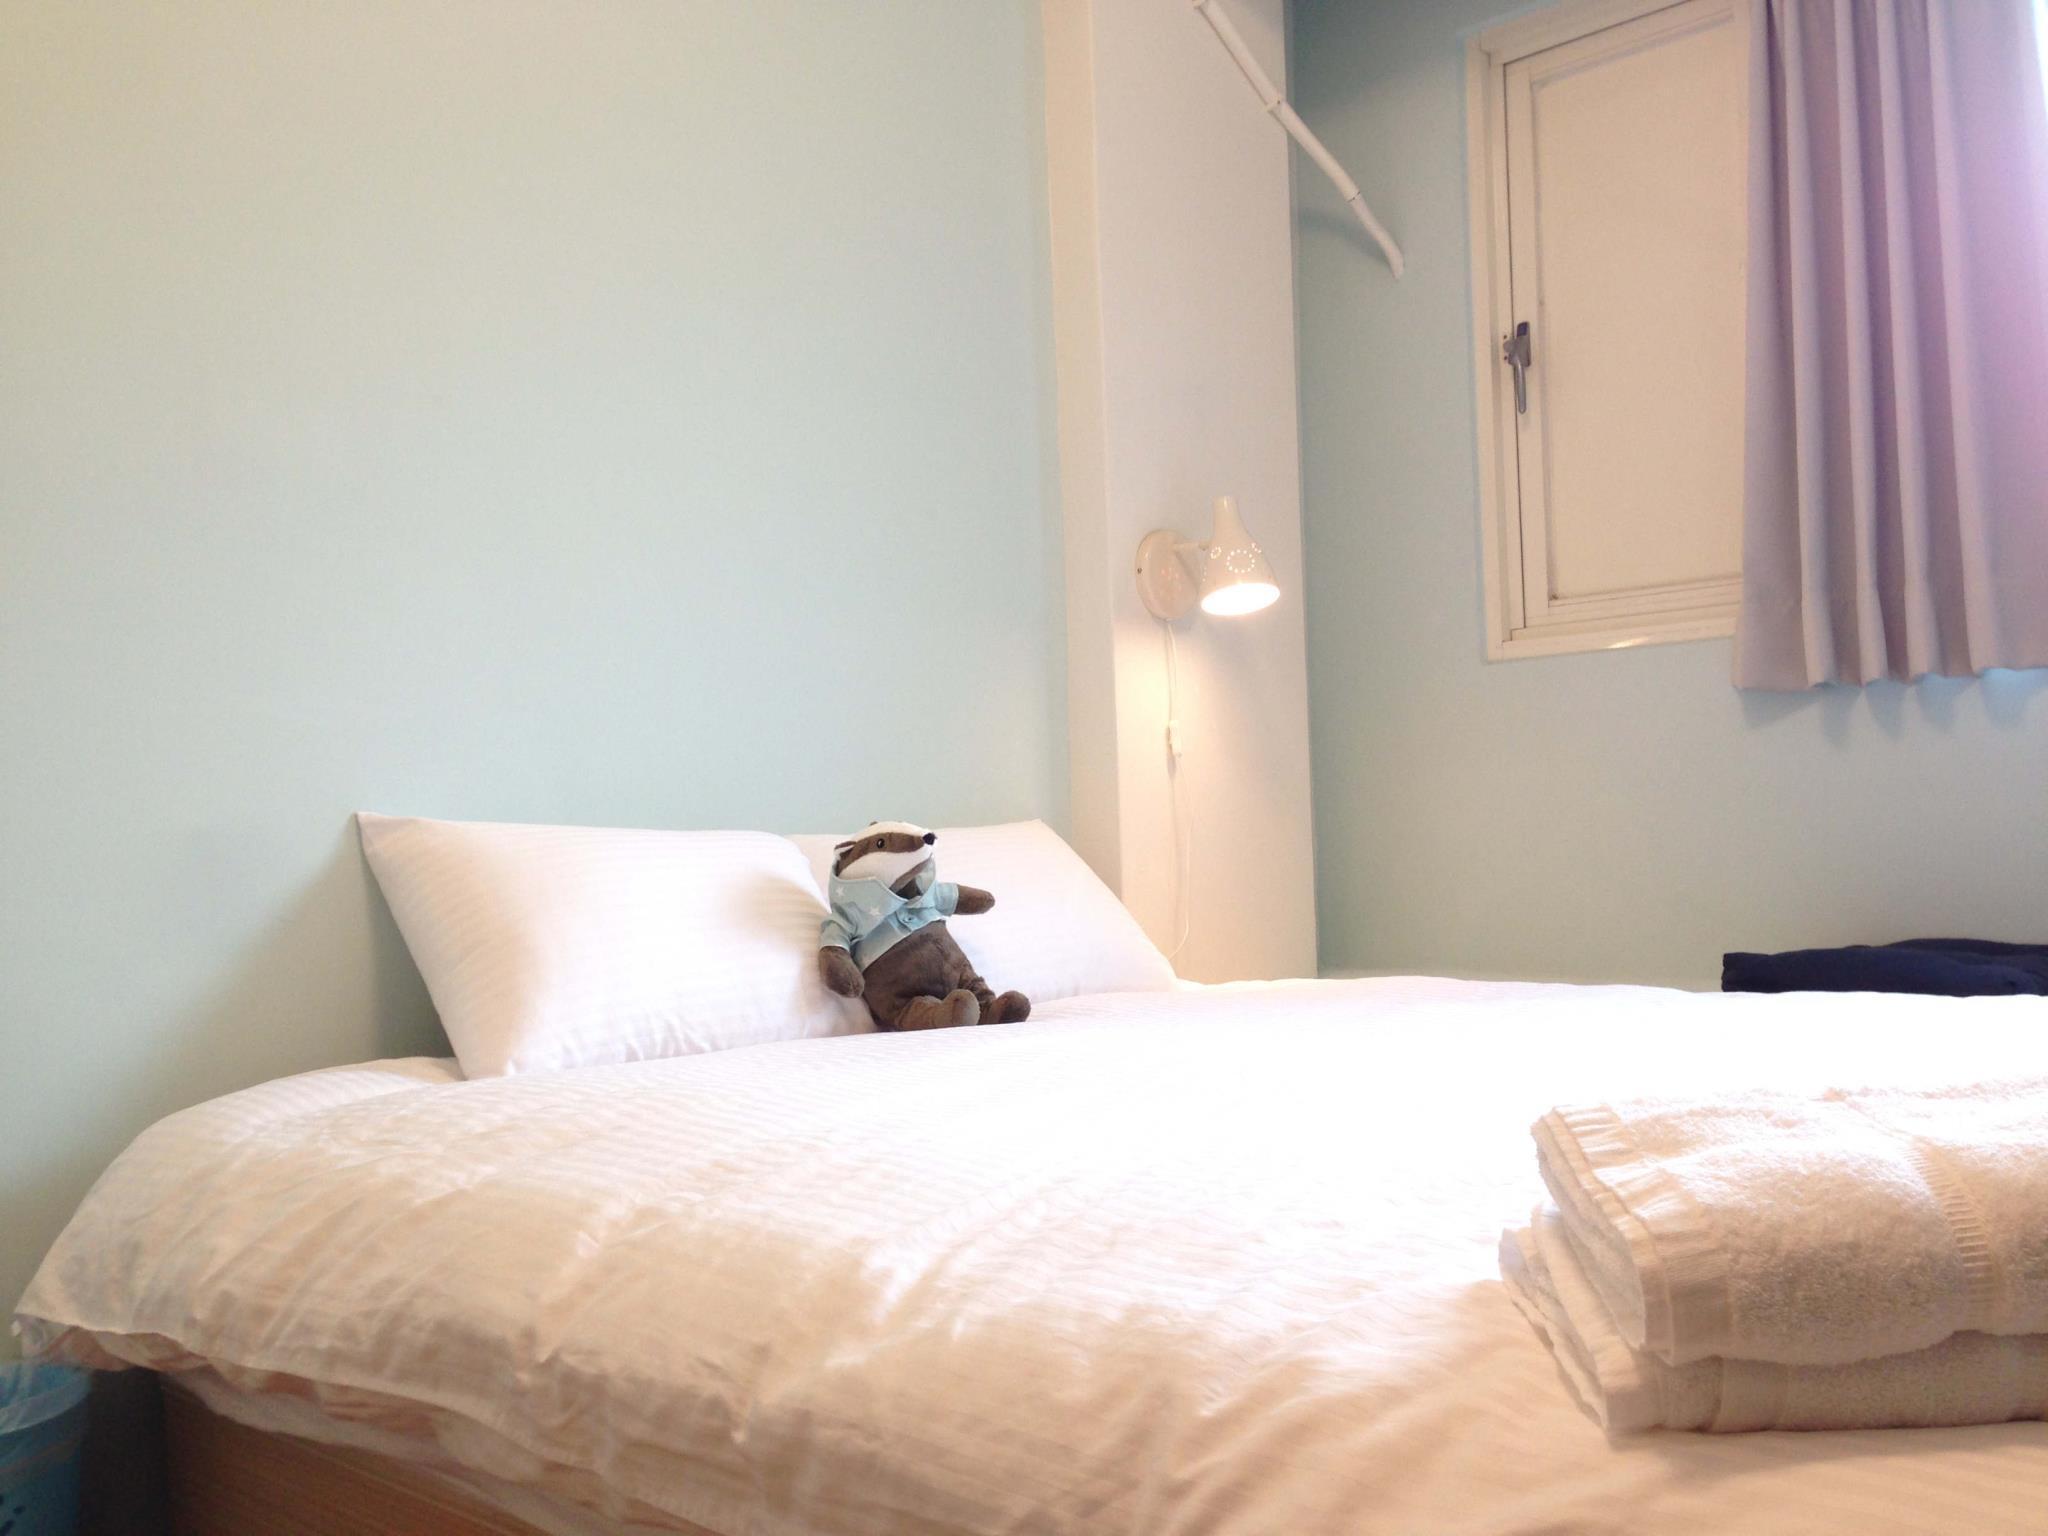 Fengjia No.5 Hostel Standard Double Room7